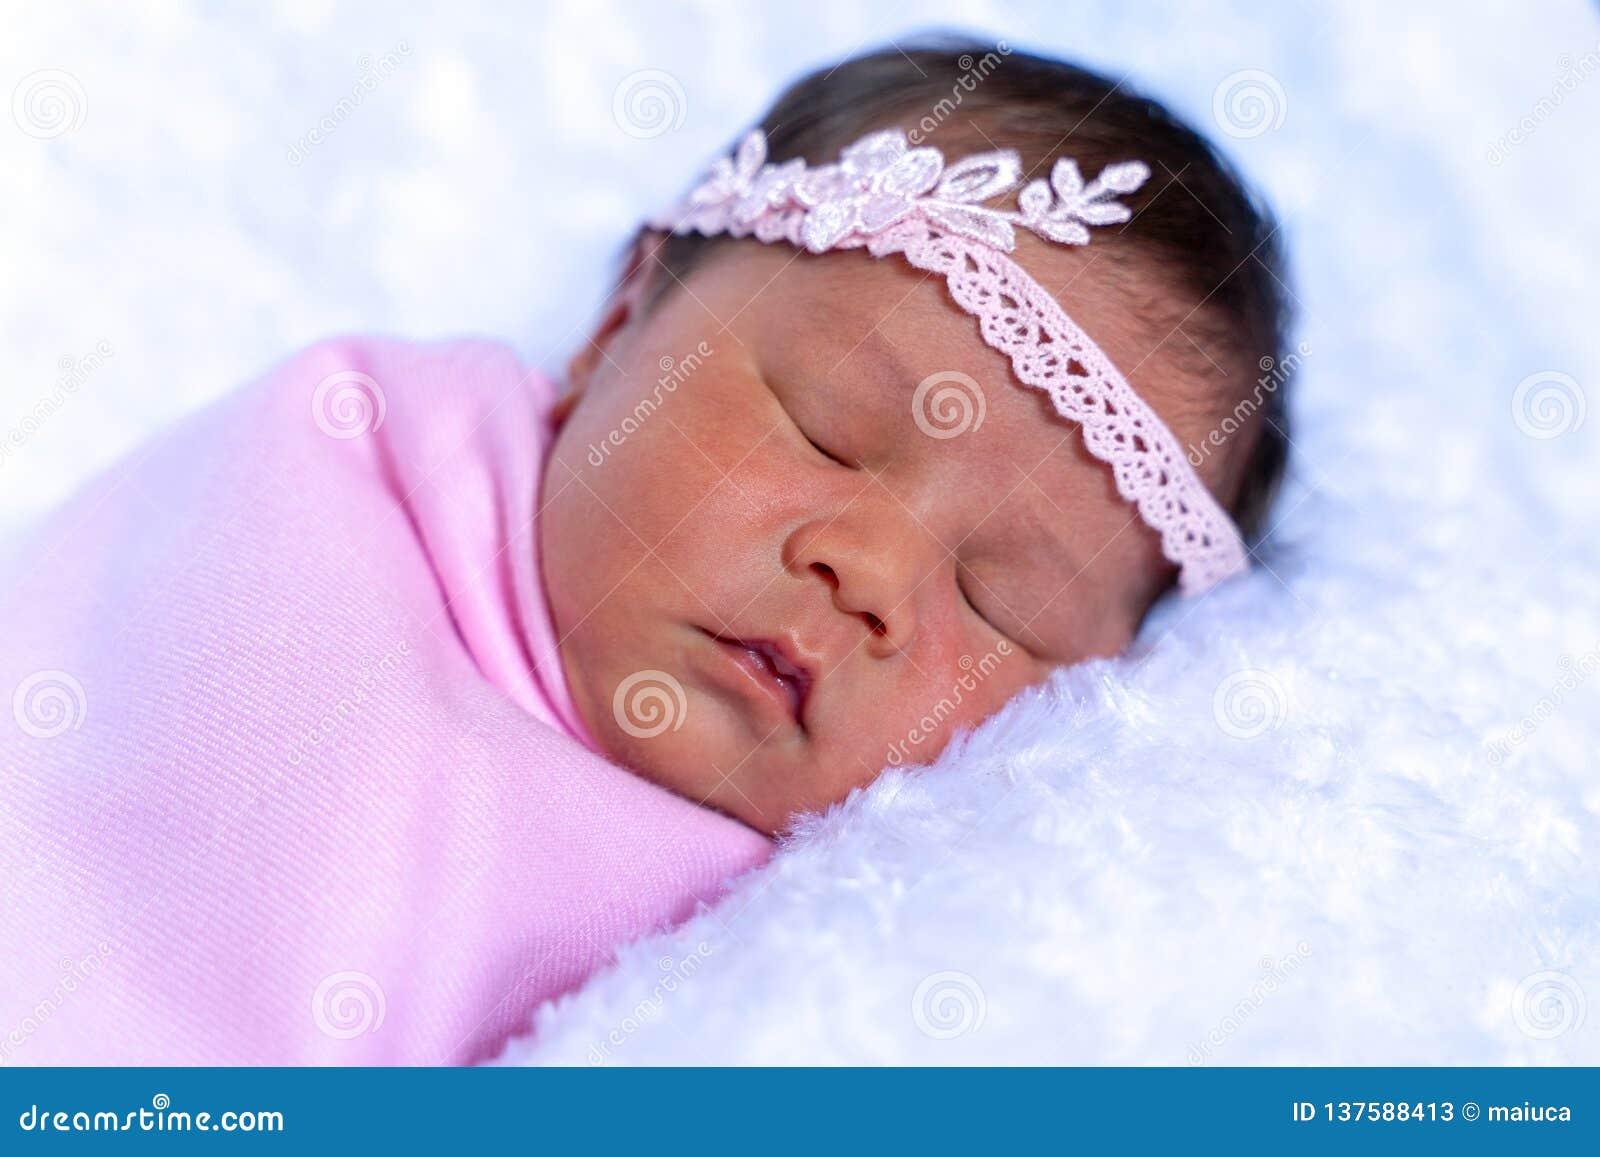 Mooie pasgeboren meisjesslaap op witte deken omhoog warpping met lichtrose stof, 6 dagen oude, zachte nadruk